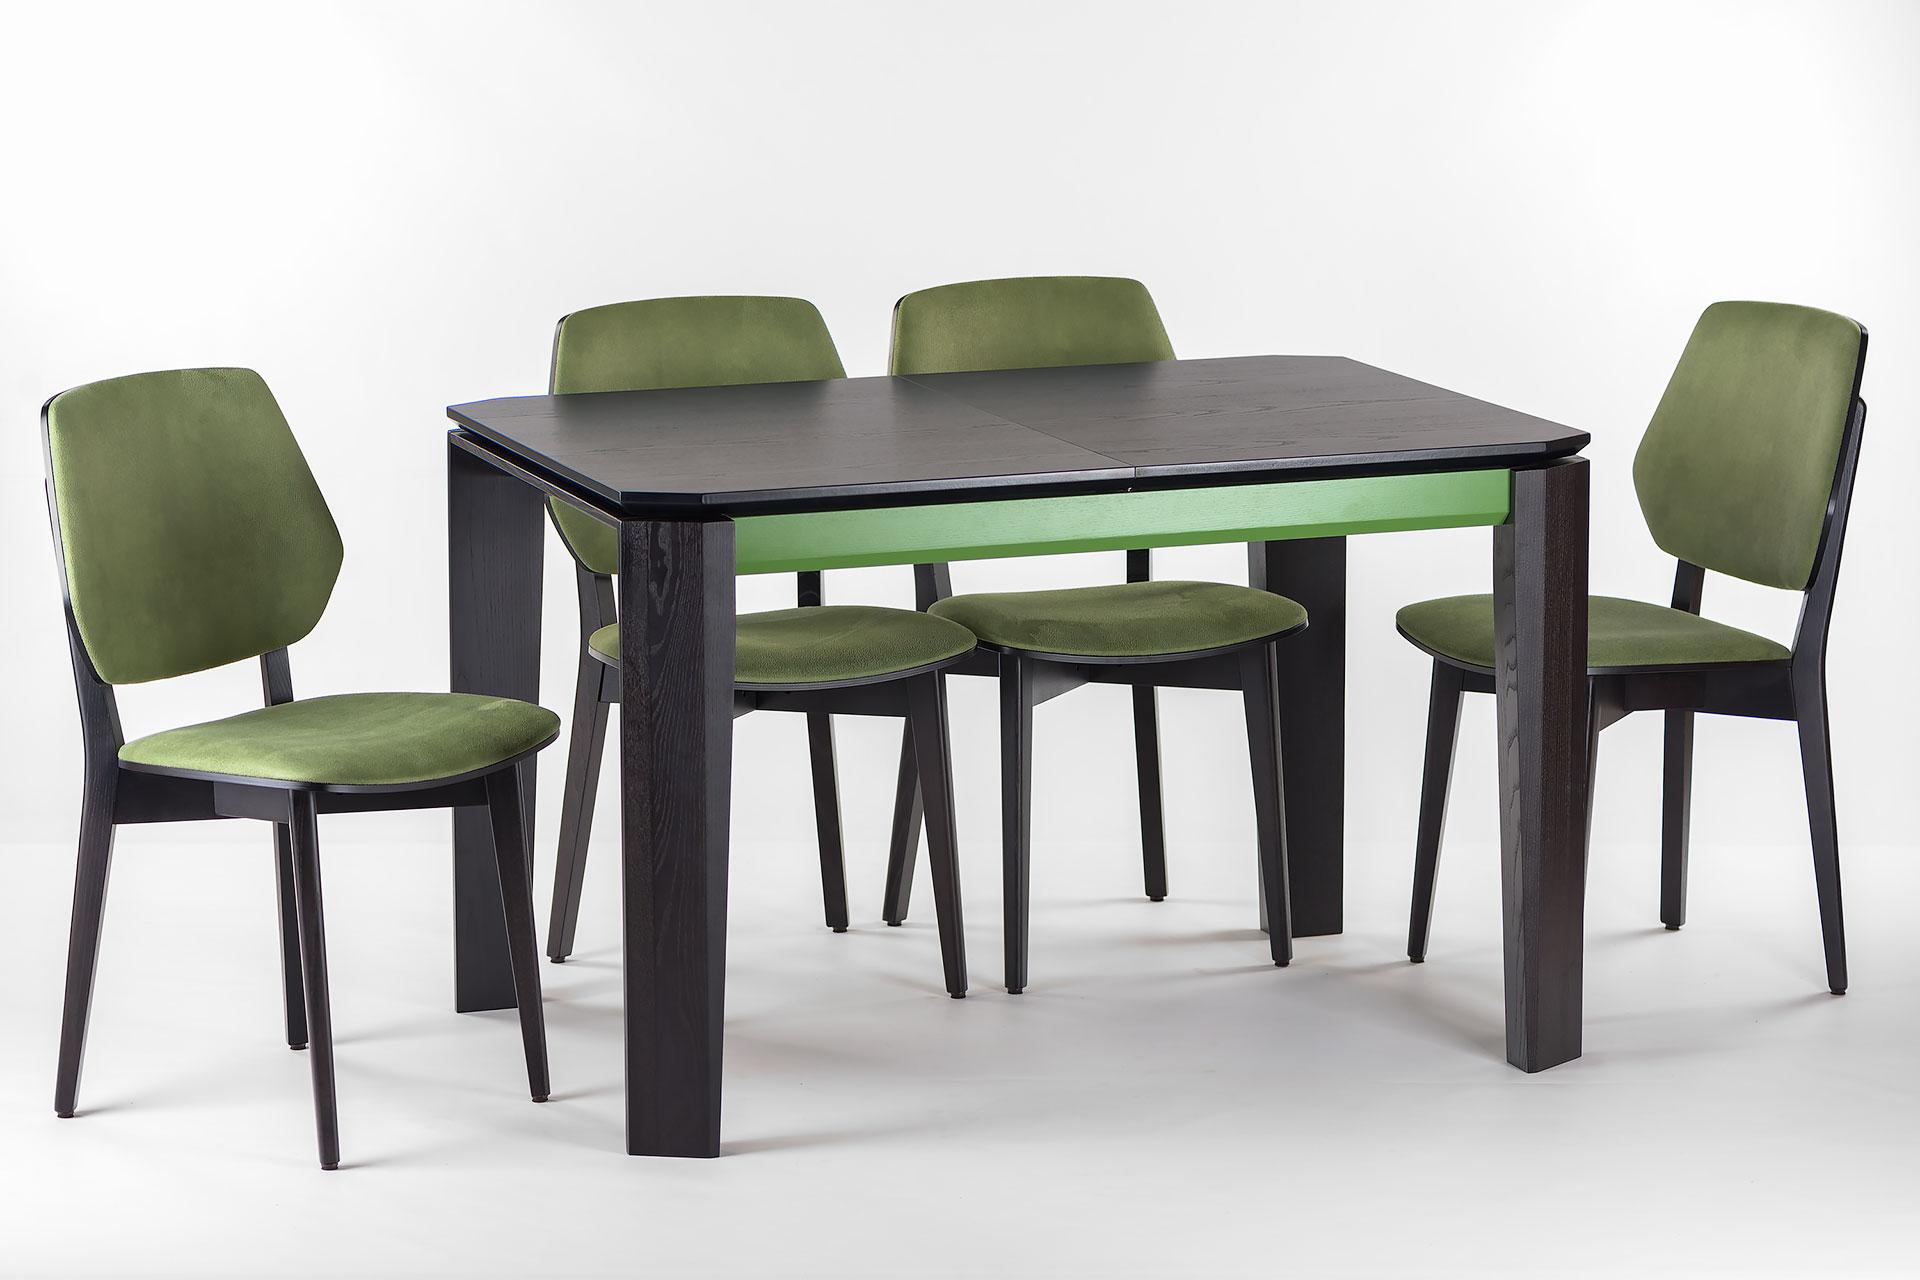 """Кухонный комплект: раскладной стол """"Варгас"""" черно-зеленый (столешница шпонированная) + 4 стула 03В, черный каркас с зеленой мягкой спинкой и сиденьем со штучной замши"""